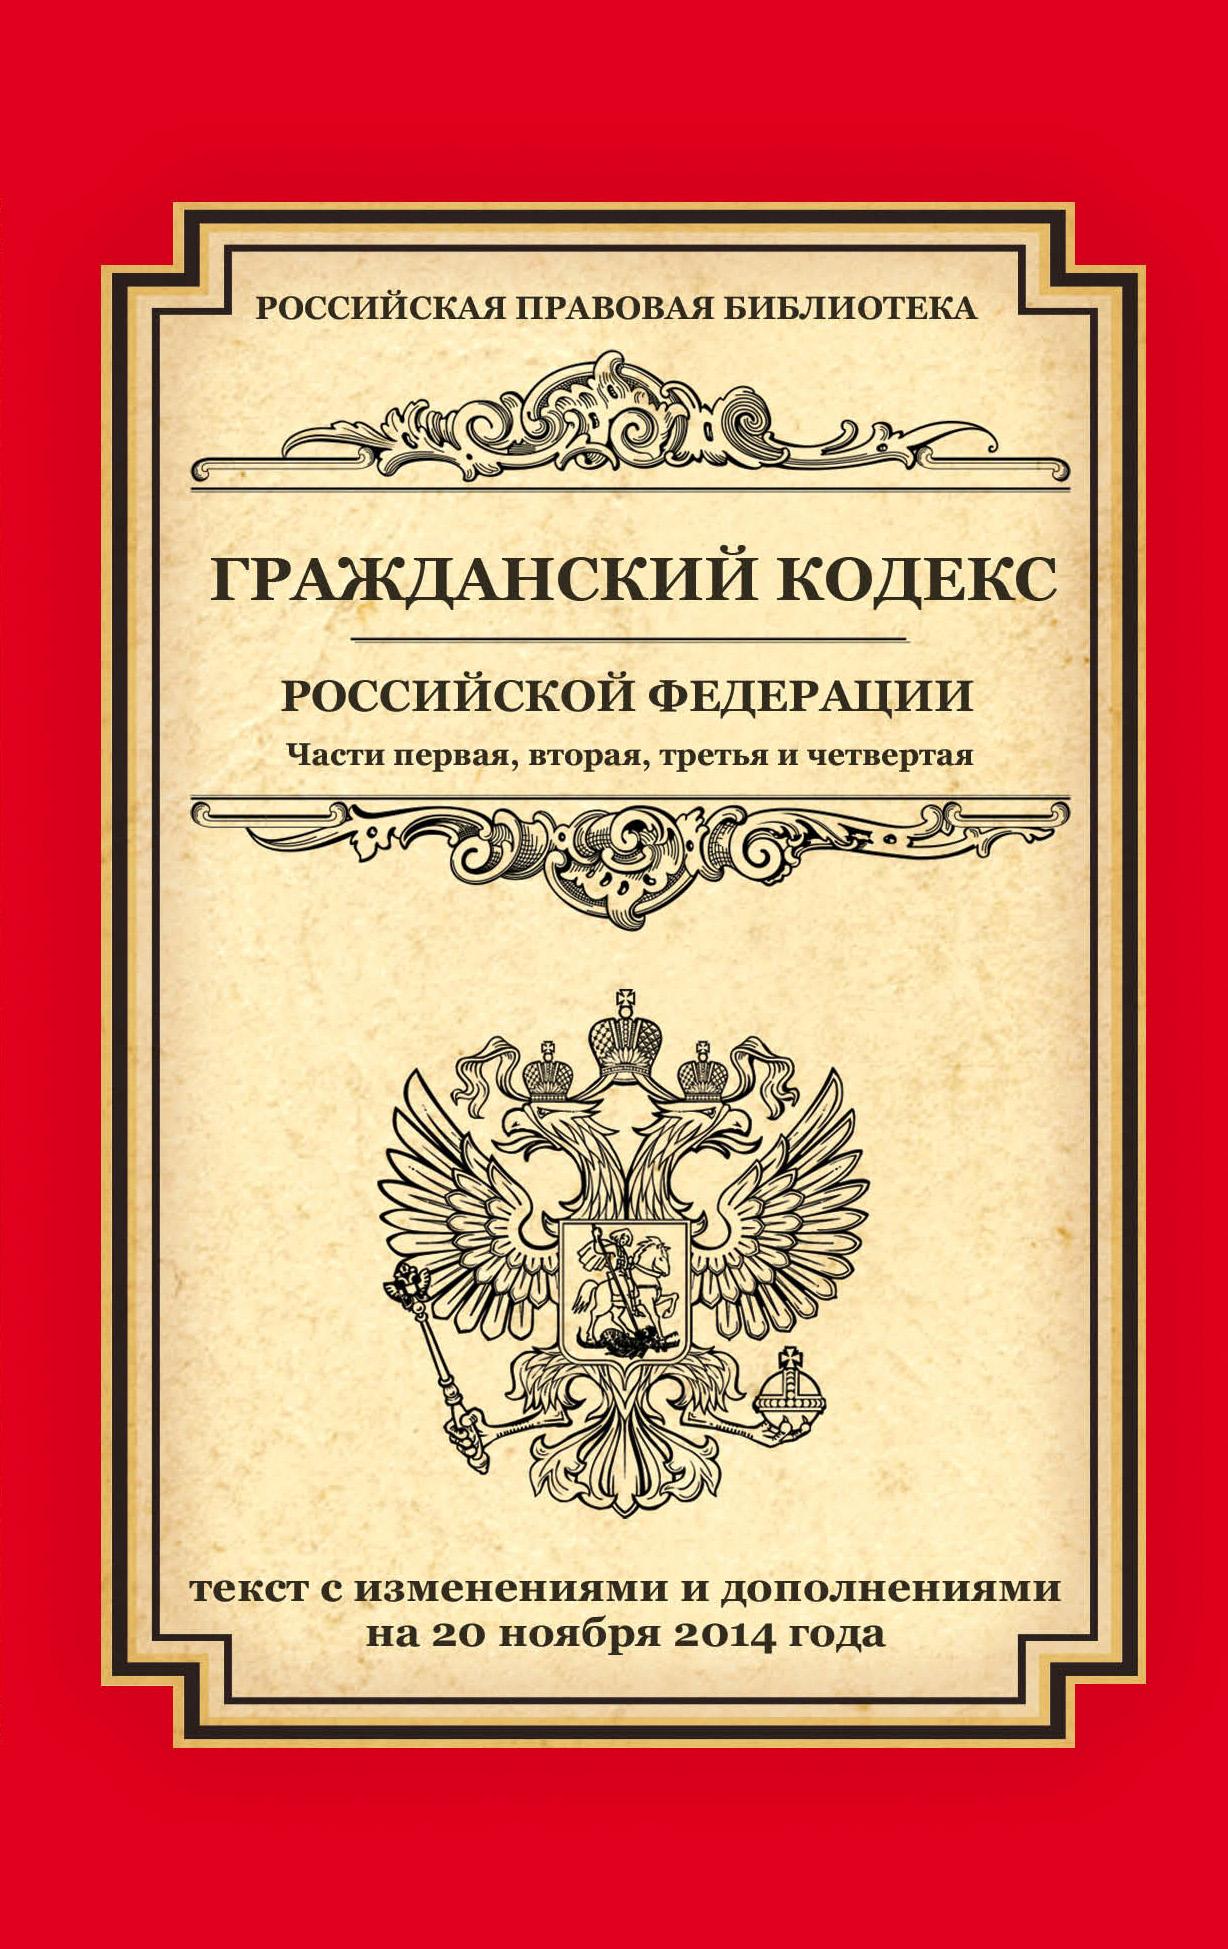 Гражданский кодекс Российской Федерации. Части 1, 2, 3 и 4 ( 978-5-699-77926-0 )